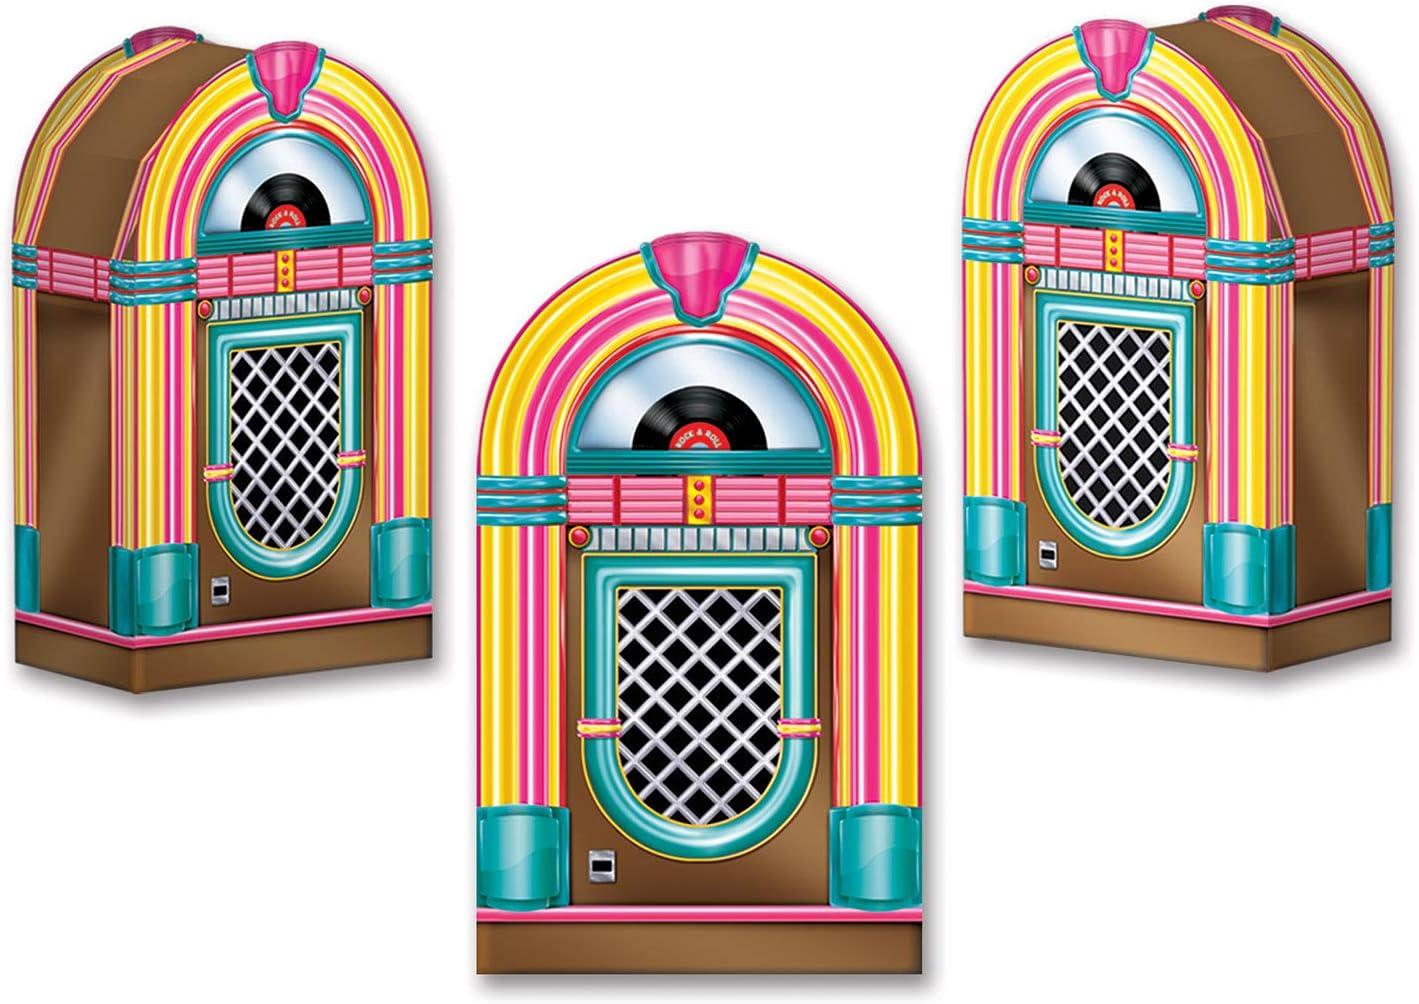 Beistle 54125 Favor Boxes, 3 Pcs, Multicolored